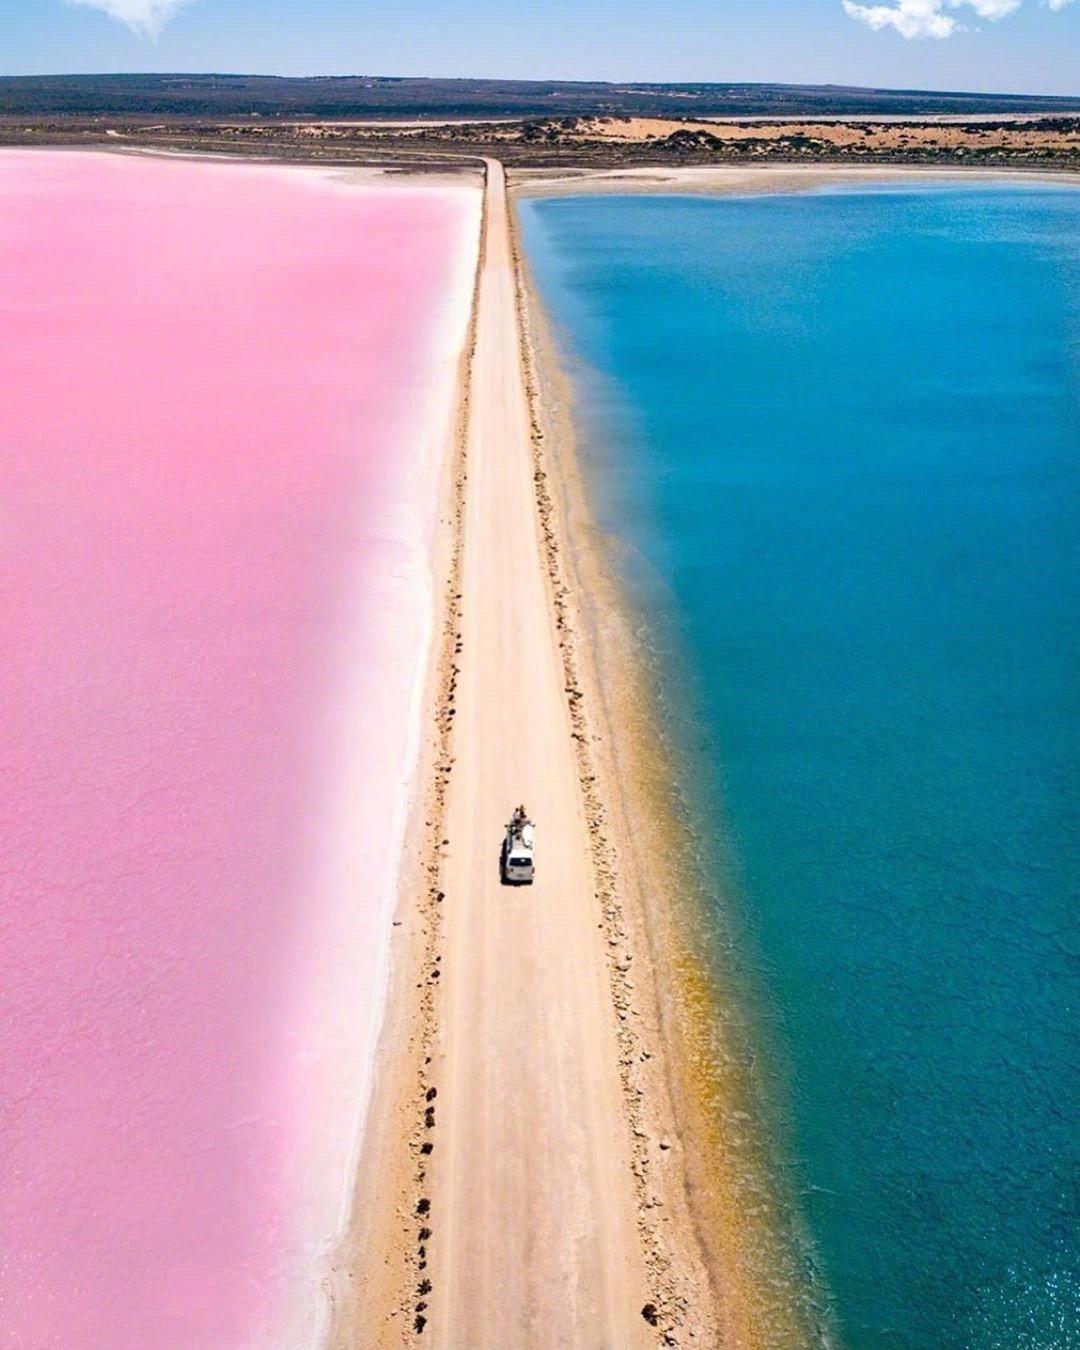 在澳大利亚有一个麦克唐纳尔湖,充满梦幻的少女心